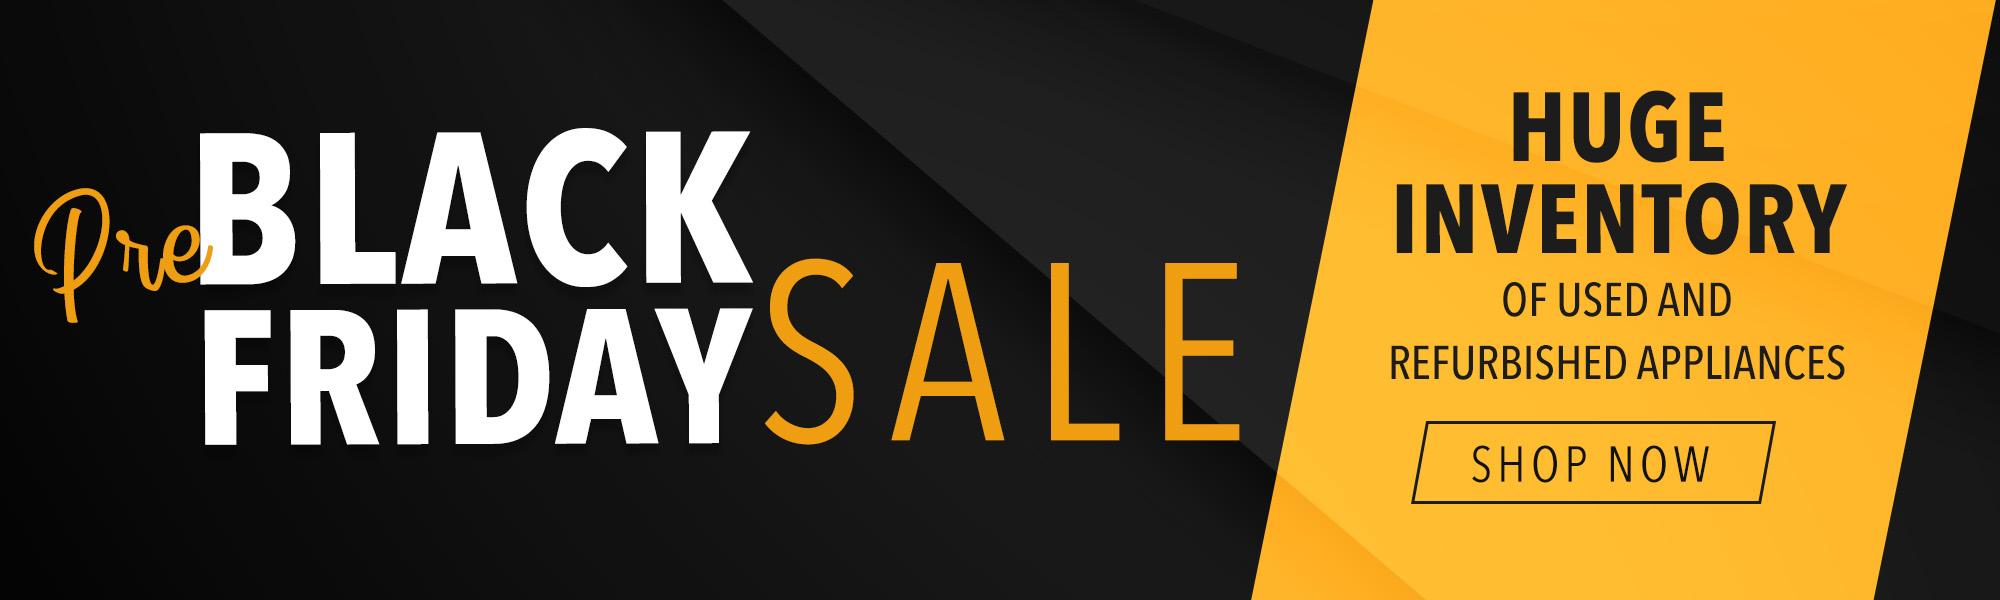 Pre Black Friday Sale Slider